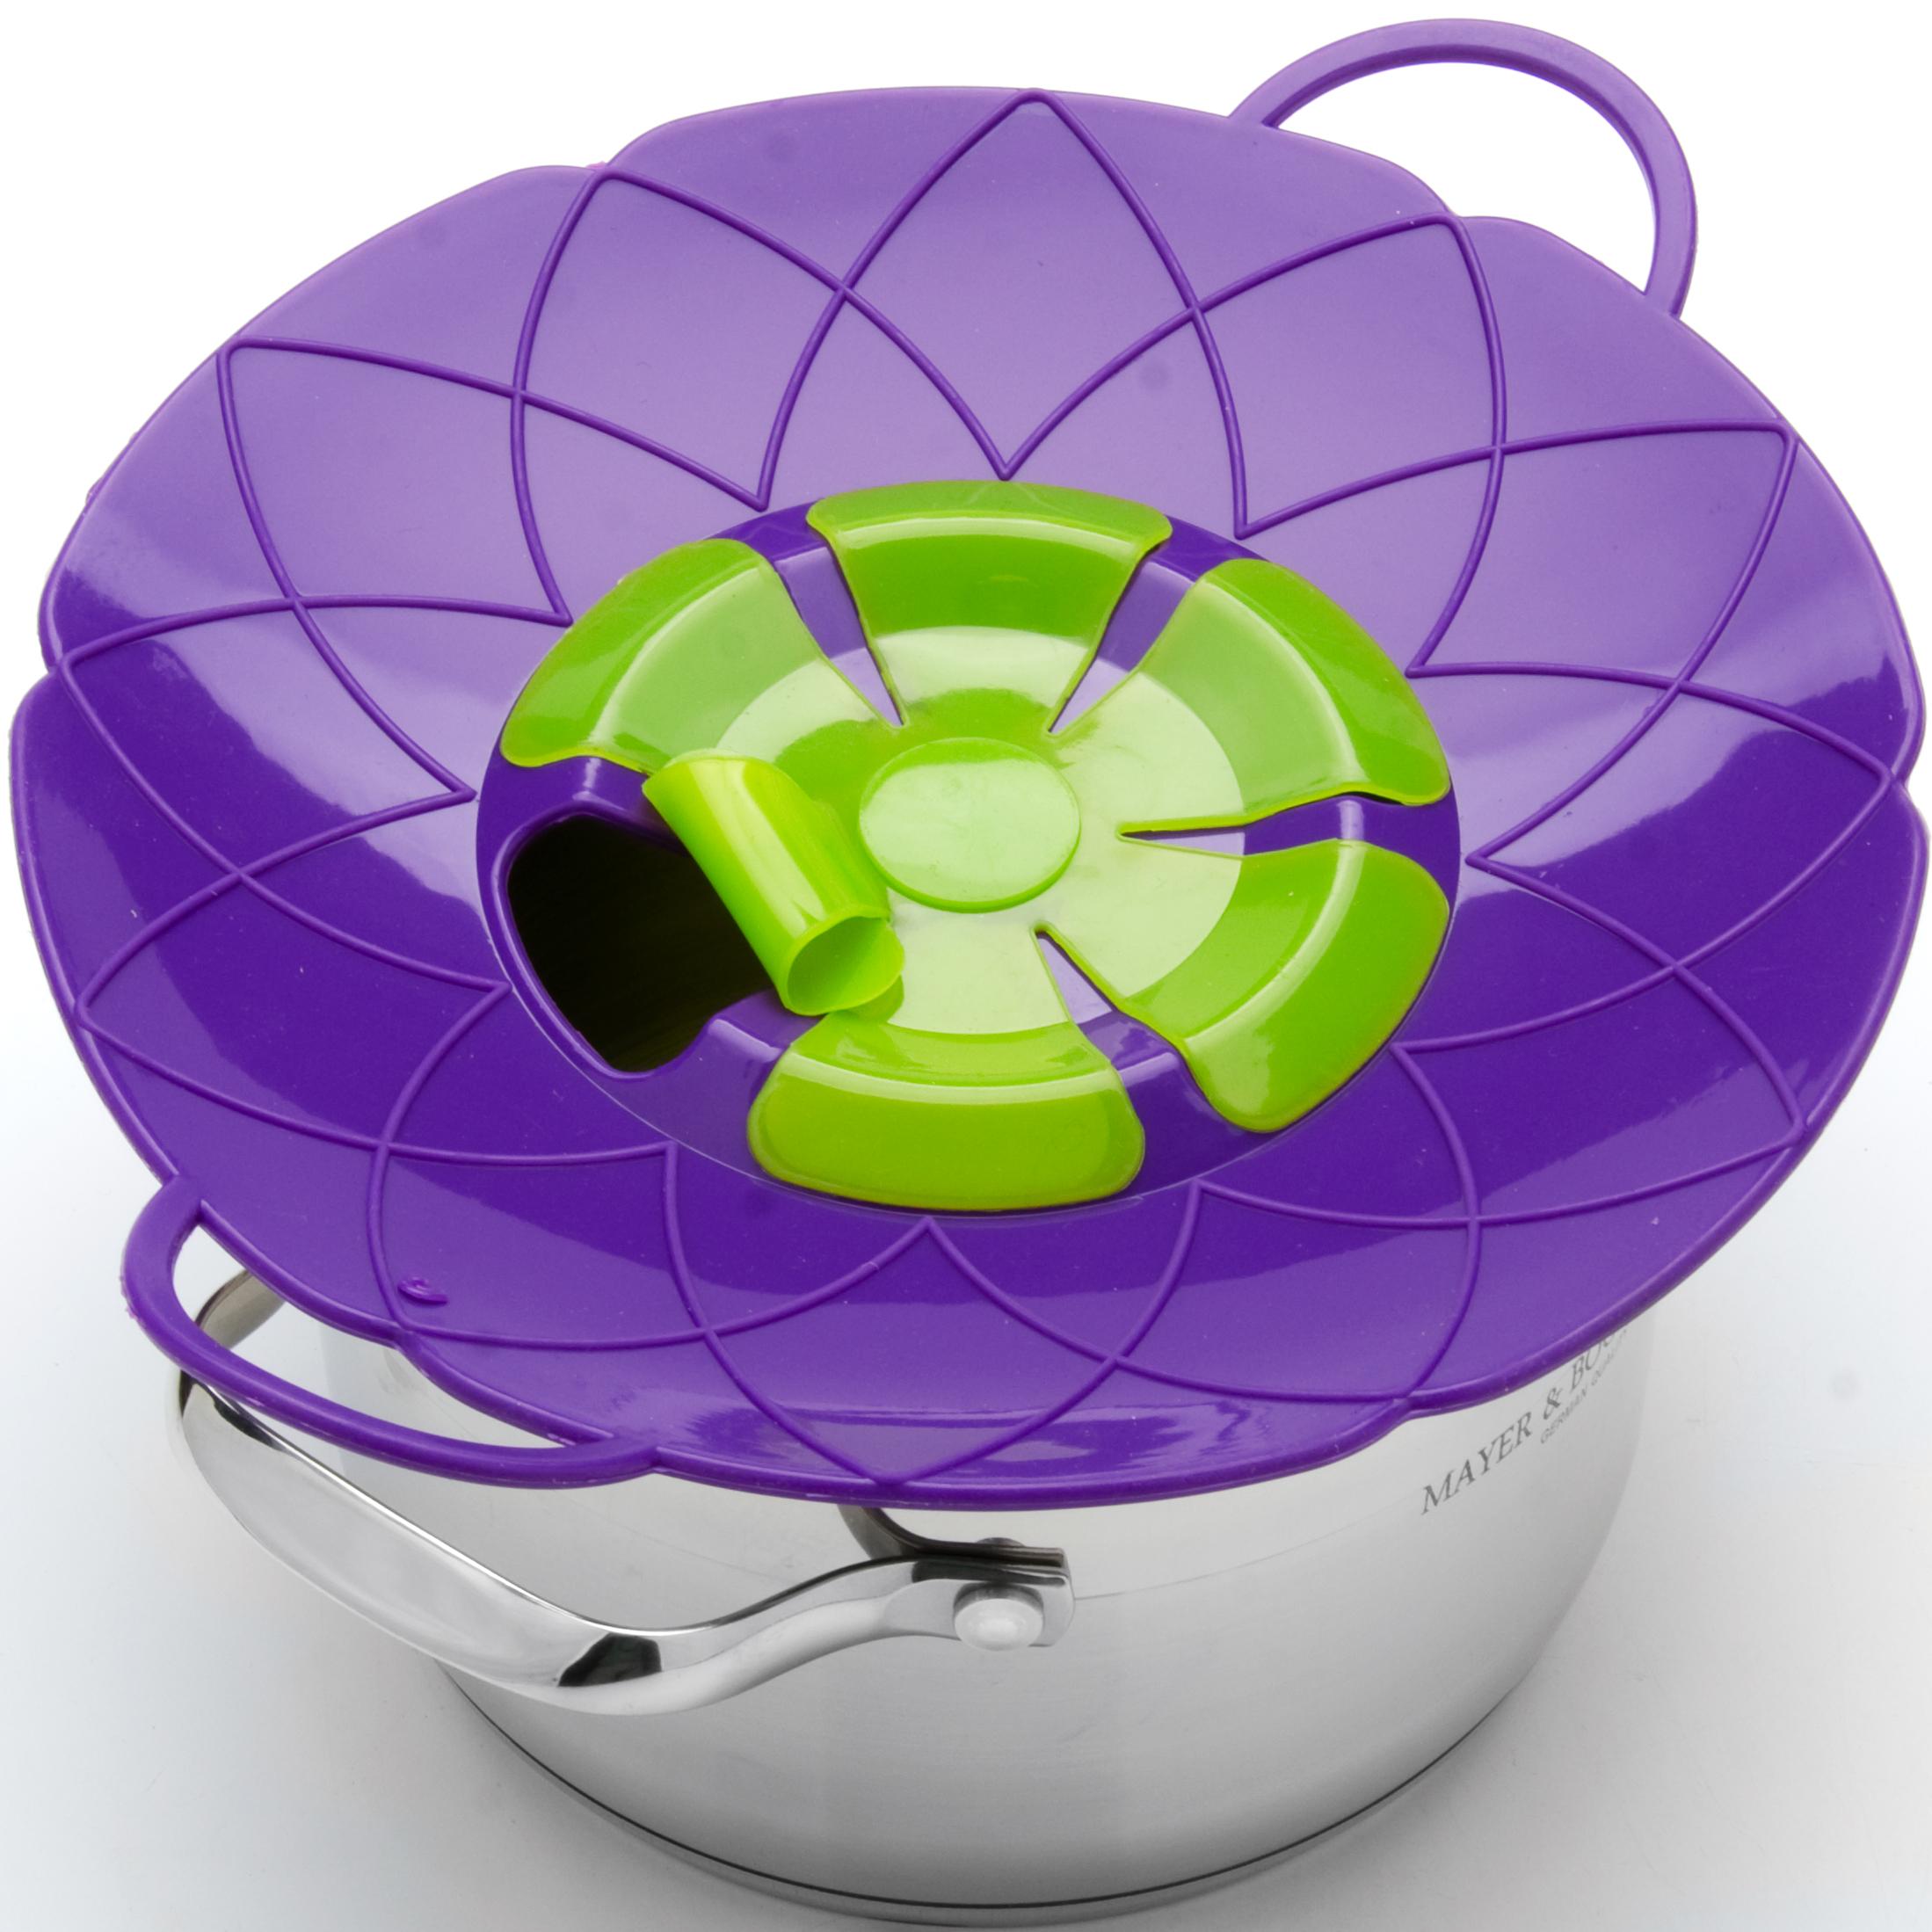 Крышка-невыкипайка Mayer & Boch, цвет: фиолетовый, зеленый, диаметр 25 см24256-4Силиконовая крышка 2 в 1 (невыкипайка и пароварка) изготовлена из силикона высокого качества. Не теряет форму от высоких температур. Крышка-невыкипайка предотвращает выкипание и брызги. Ваша кухня всегда будет в чистоте. Изделие значительно облегчит приготовление пищи. Вы даже можете оставлять без присмотра готовящуюся пищу. При хранение в прохладных местах - крышка обеспечит свежесть продуктов. При использовании крышки в микроволновой печи, масло не разбрызгивается. Можете готовить овощи и морепродукты на пару. Пища, приготовленная на пару вкусная и полезная.